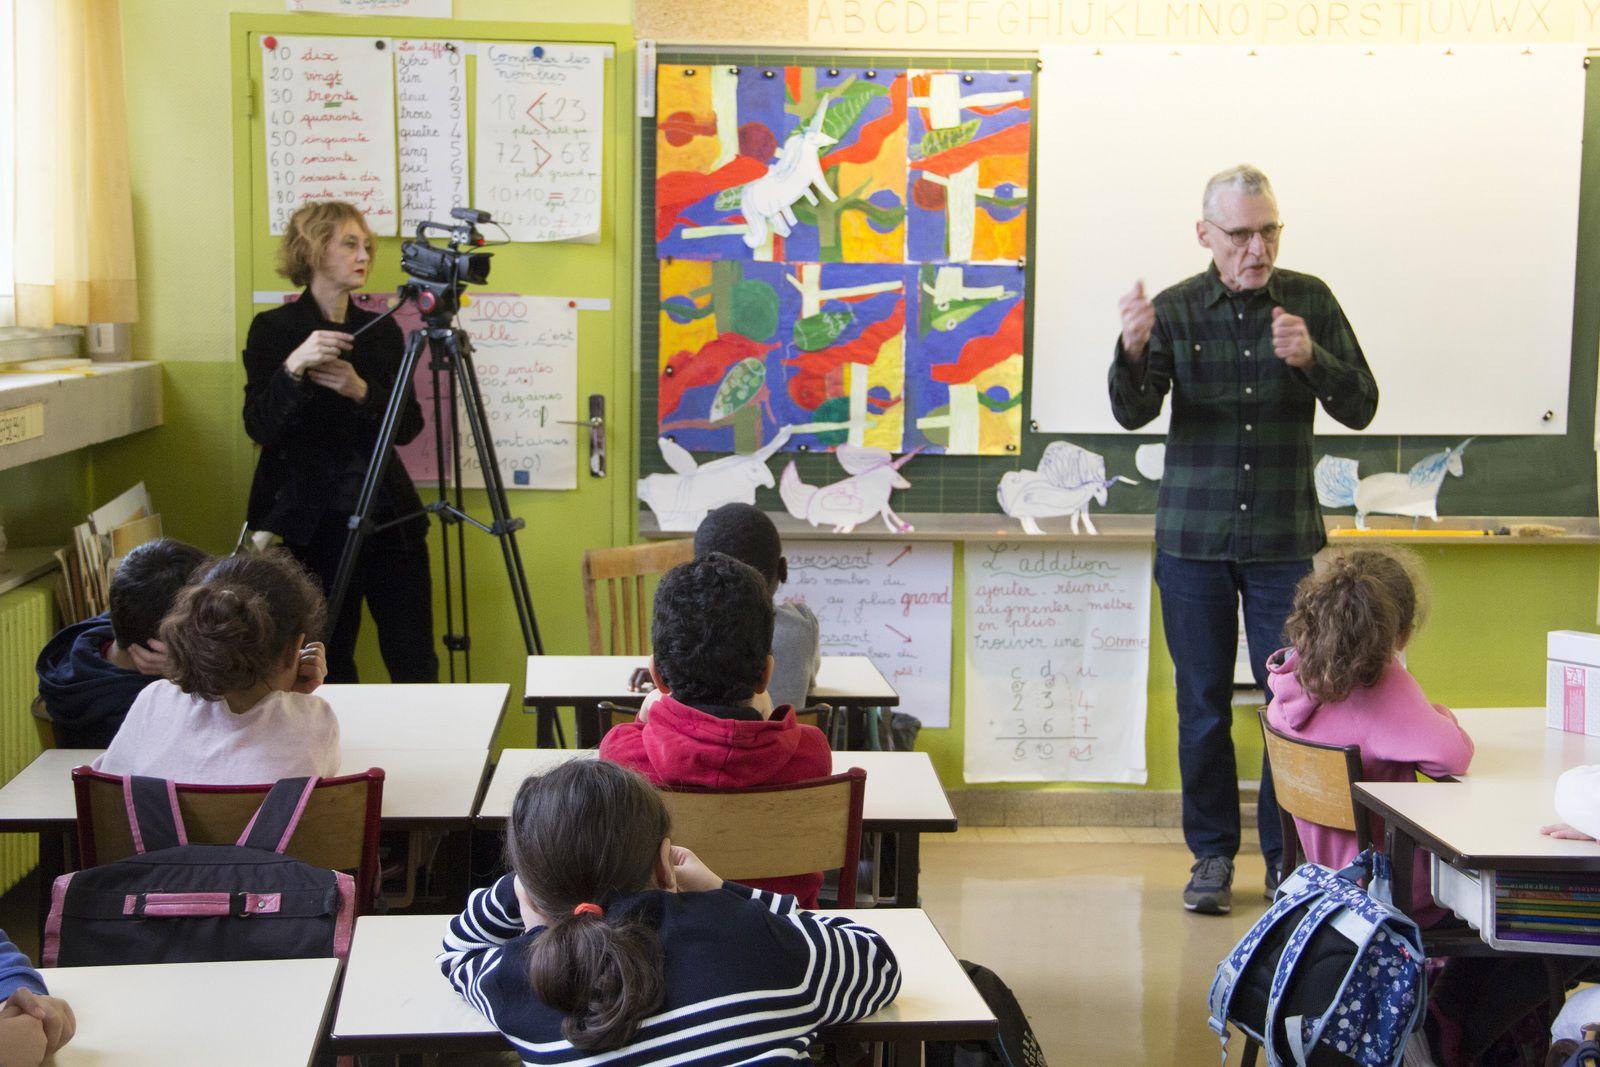 Workshop avec l'artiste Gilgian Gelzer - École Berthier - FMAC  MDD2019